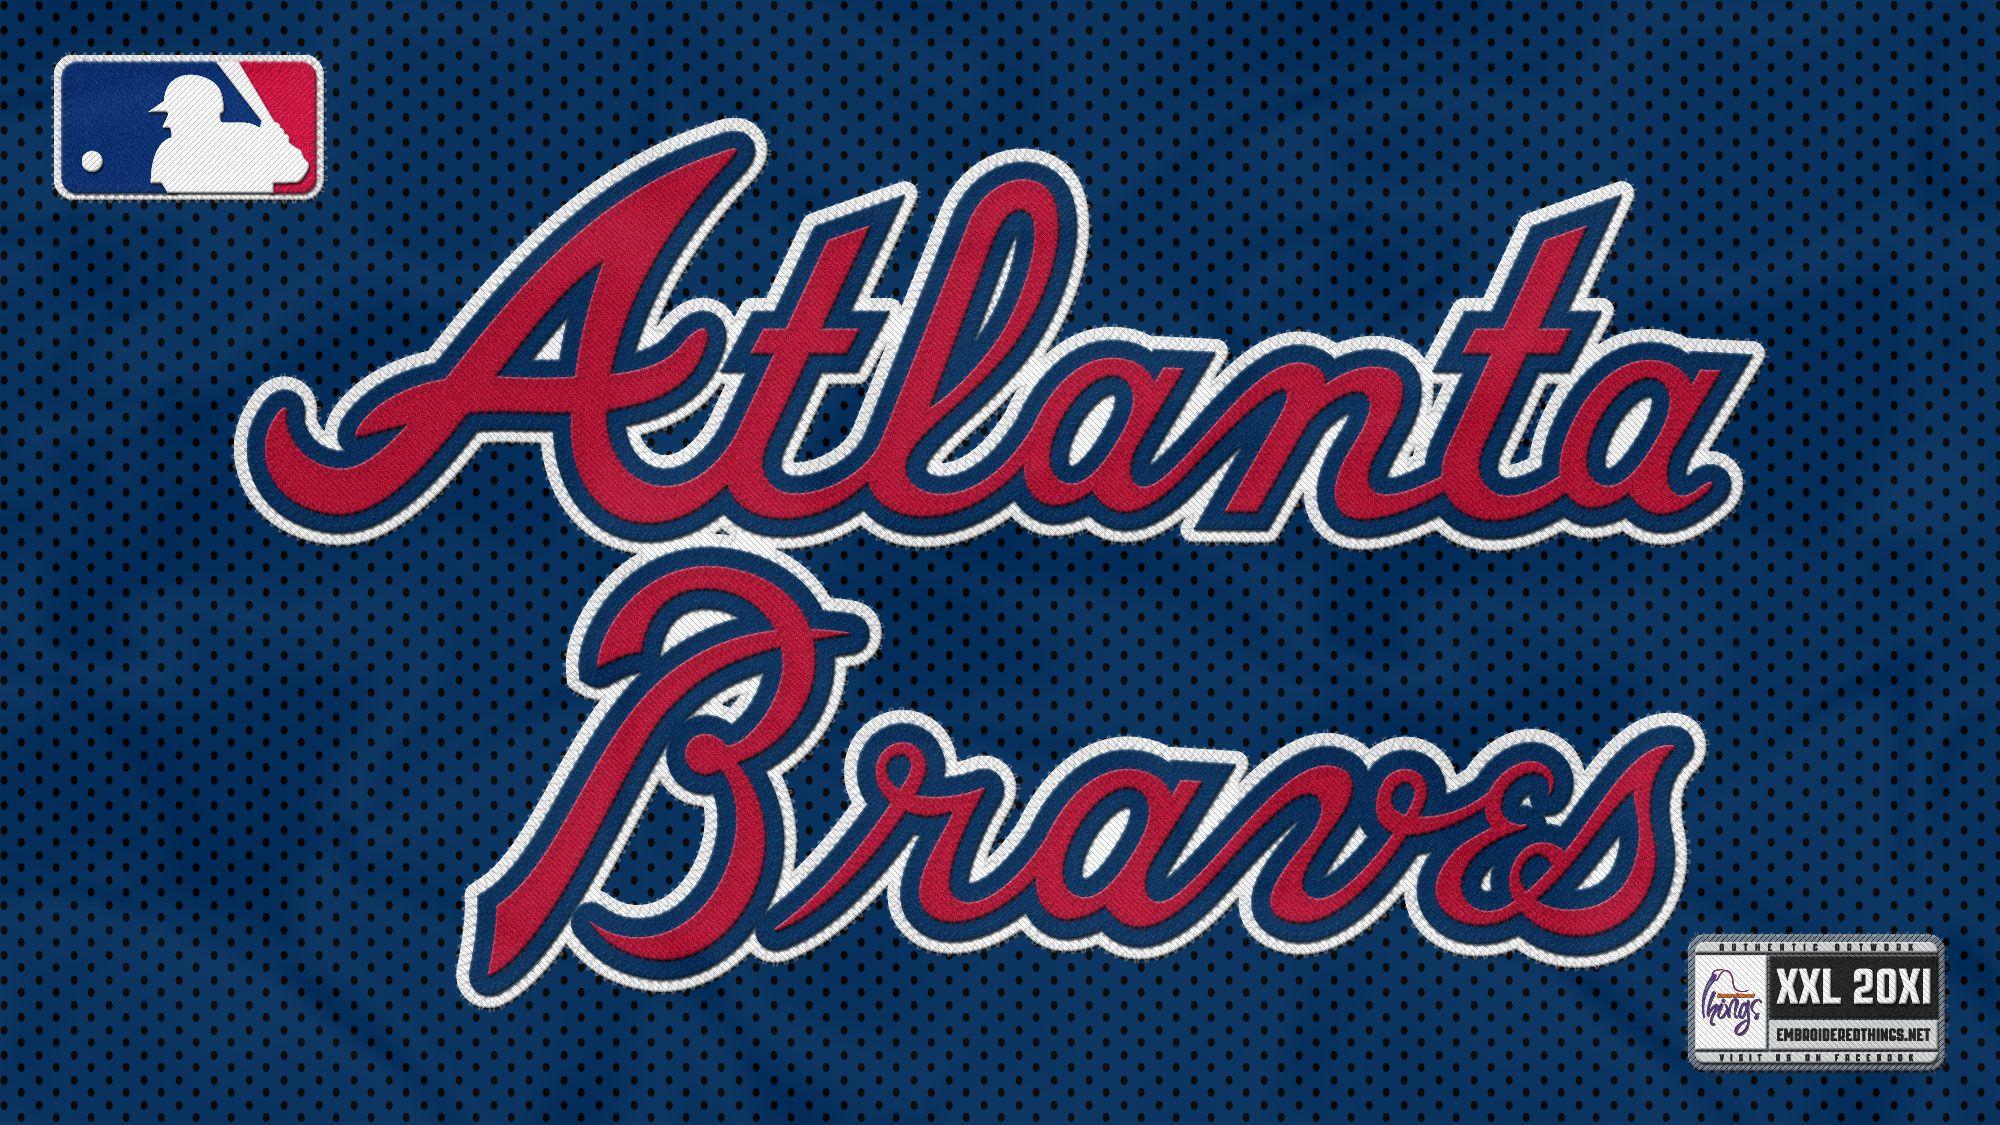 Atlanta Braves Iphone Wallpaper Atlanta Braves Wallpaper Braves Iphone Wallpaper Atlanta Braves Iphone Wallpaper